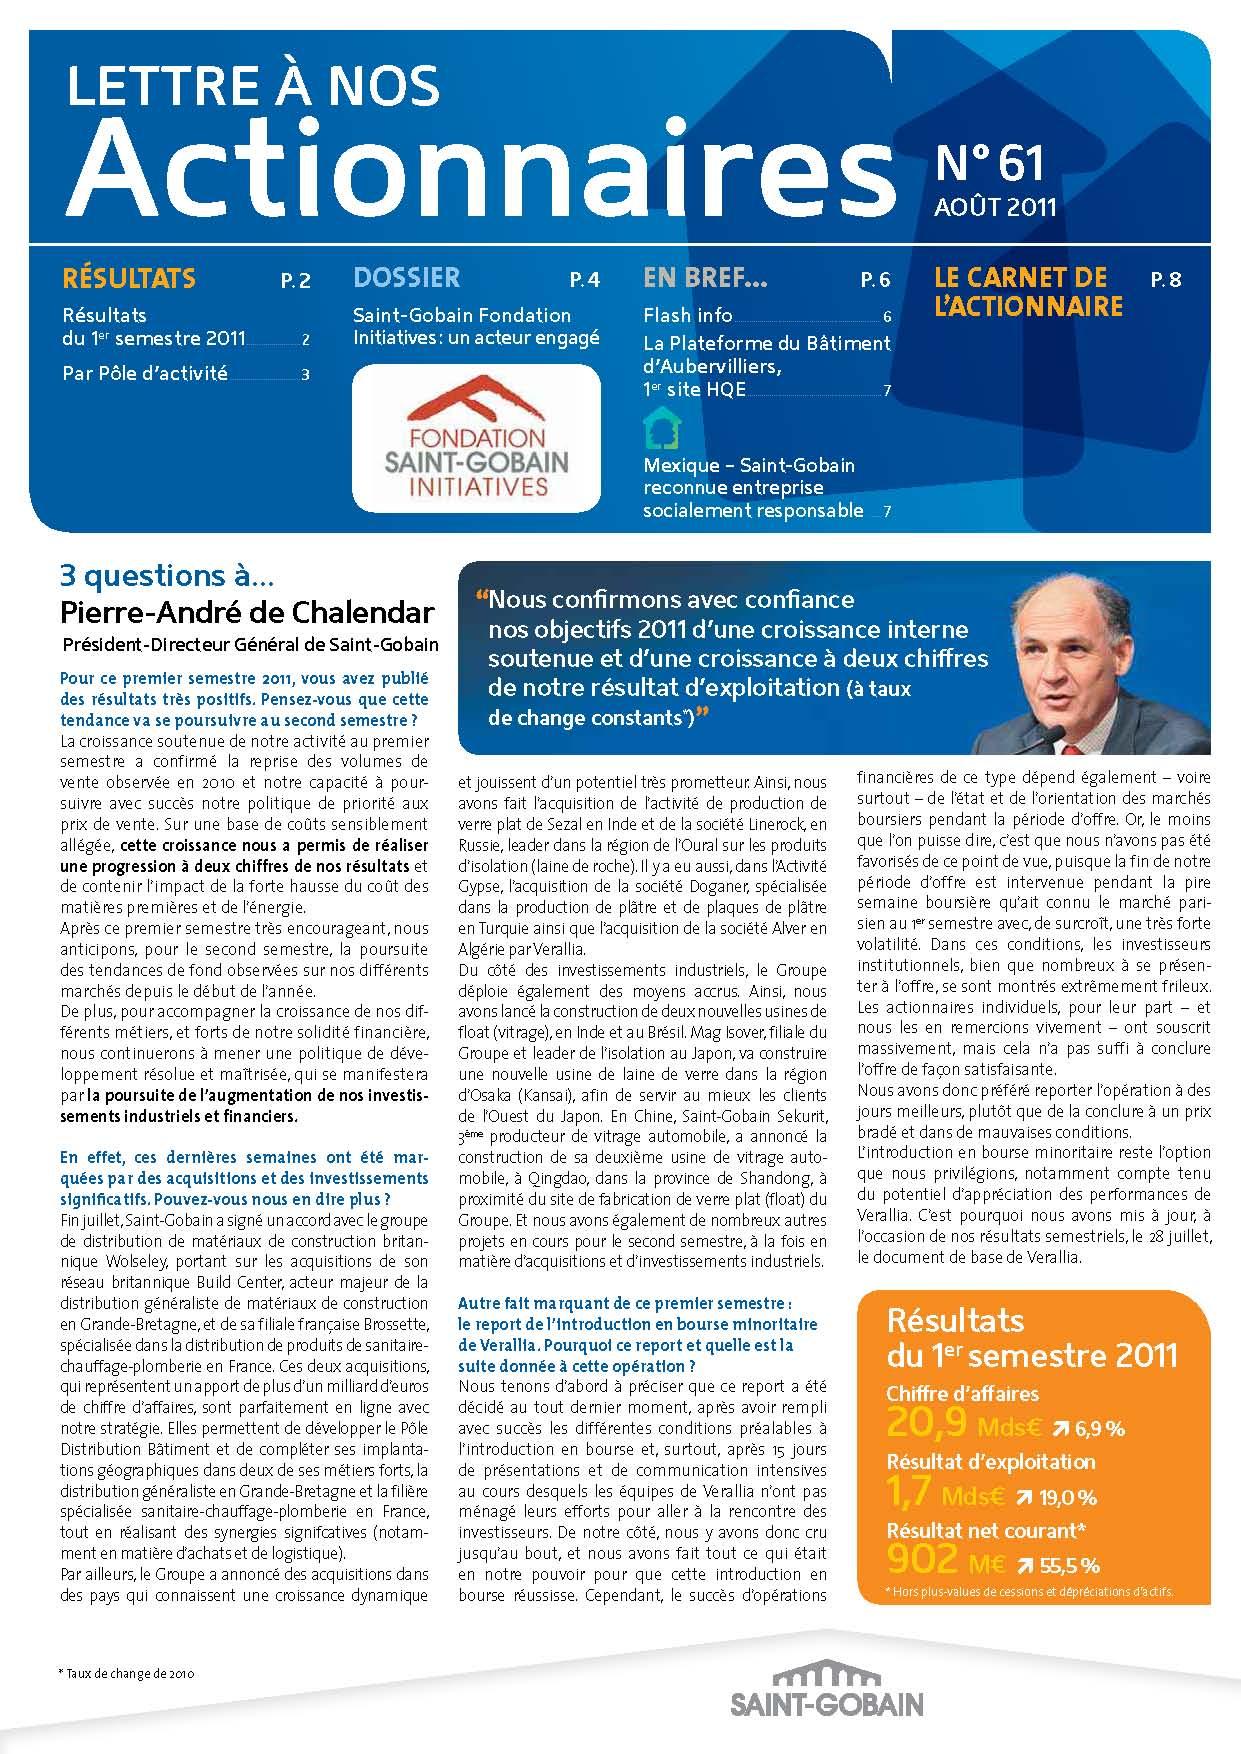 Lettre aux actionnaires de Aout 2011 Saint-Gobain